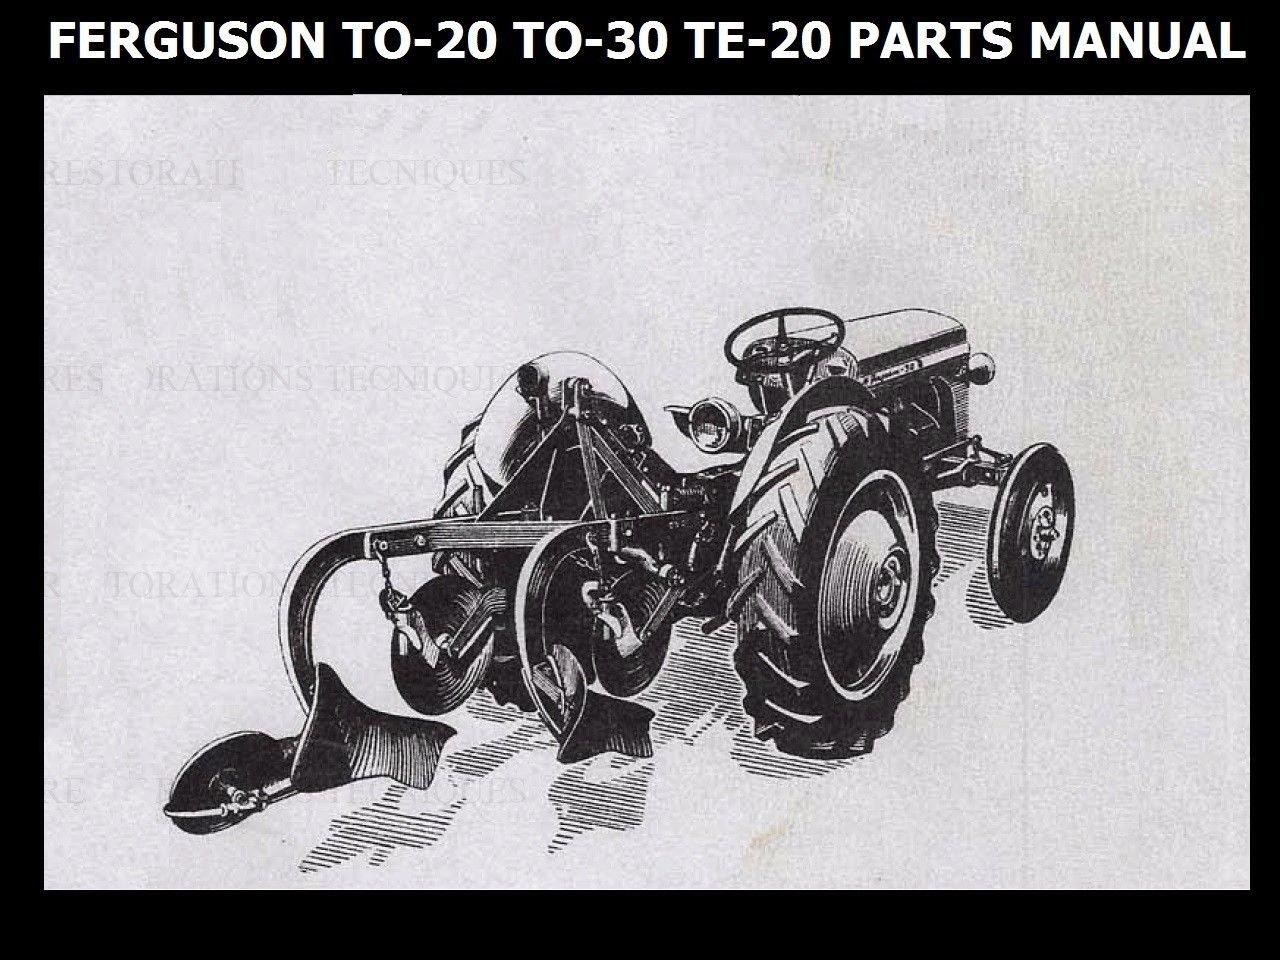 Ferguson Te20 To20 To30 Parts Manual